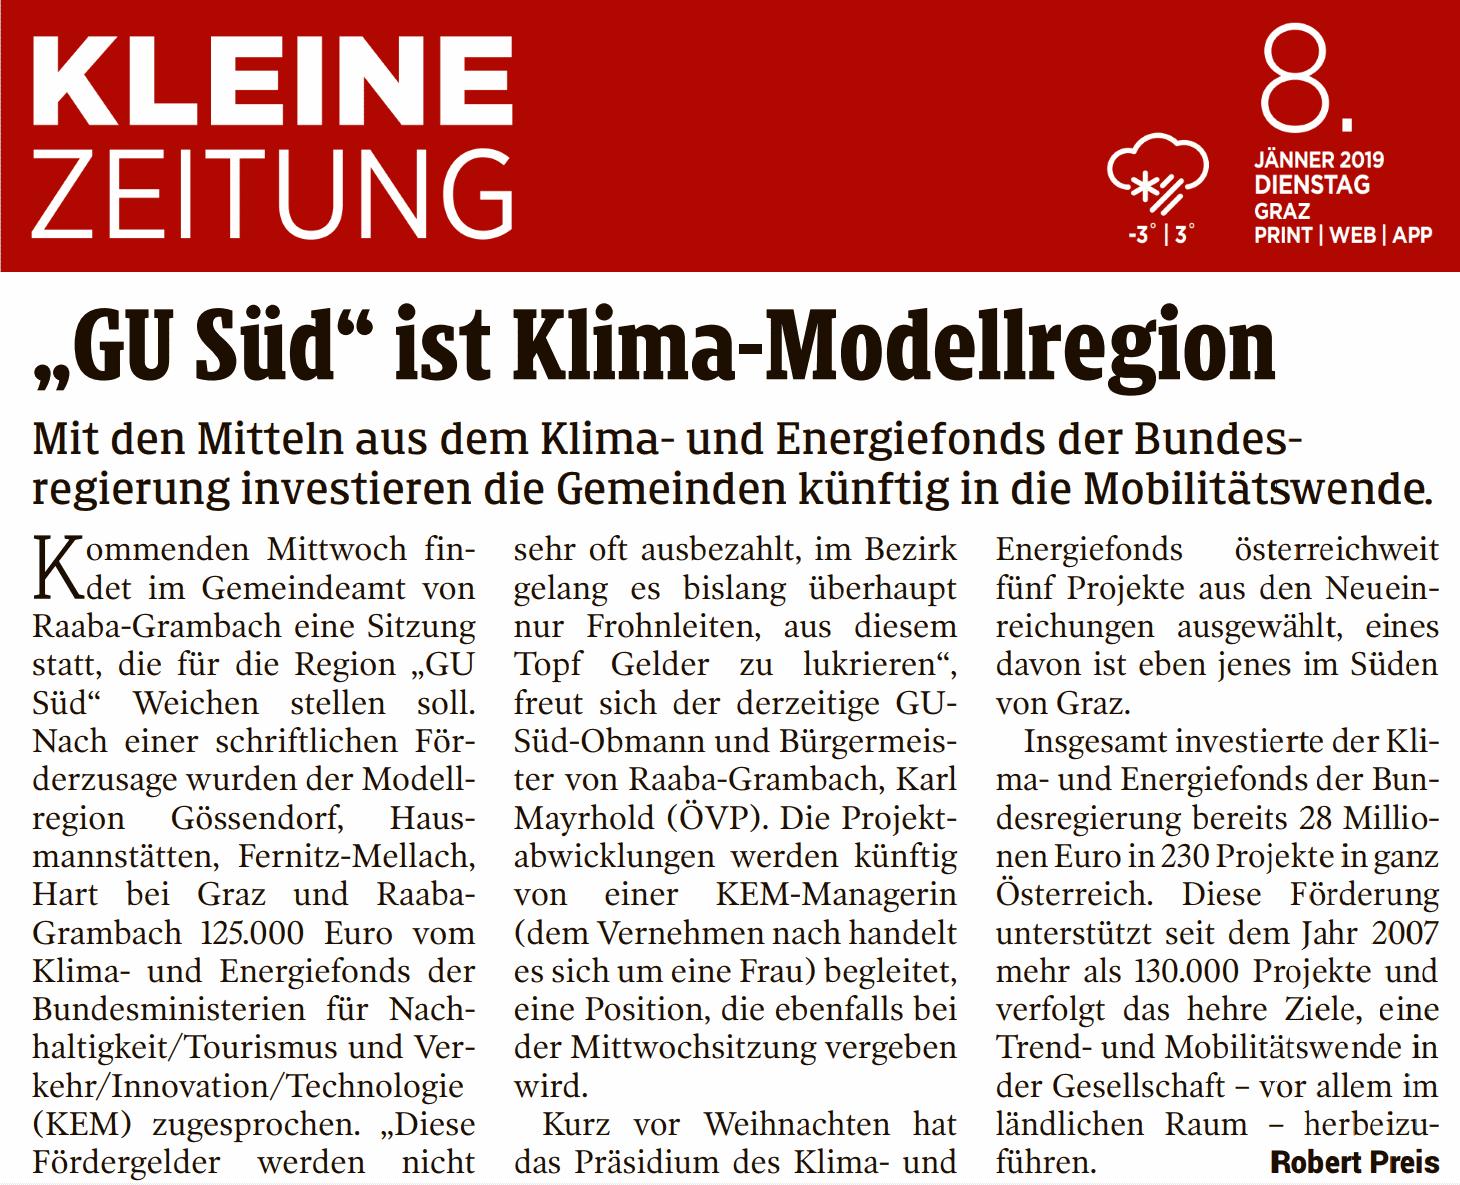 bundespräsidentenwahl 2019 österreich